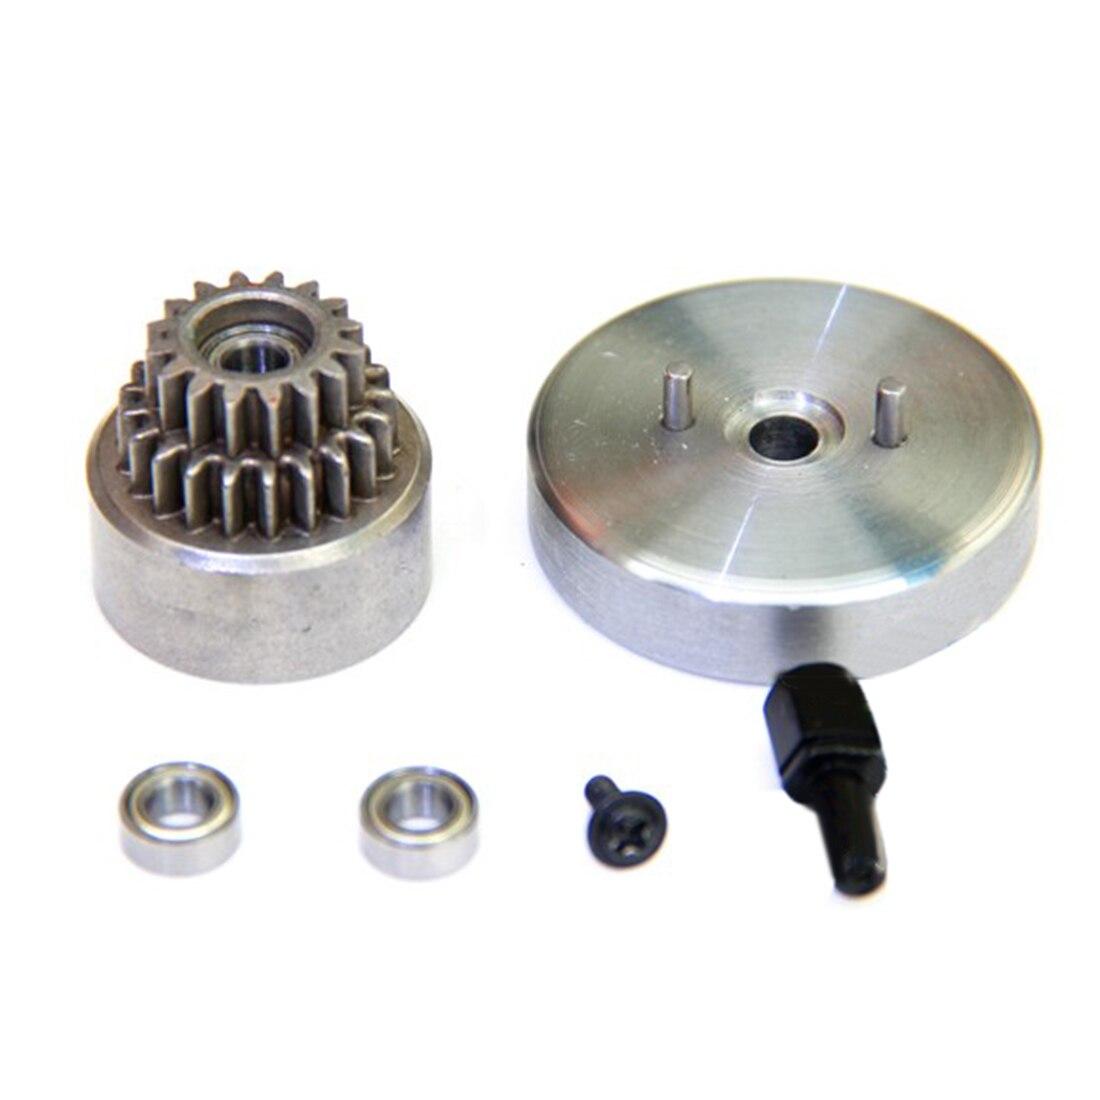 Toyan Engine Single Gear / Double Gears Clutch Modified Kit For Toyan FS-S100G  FS-S100G(W) Model Accessories